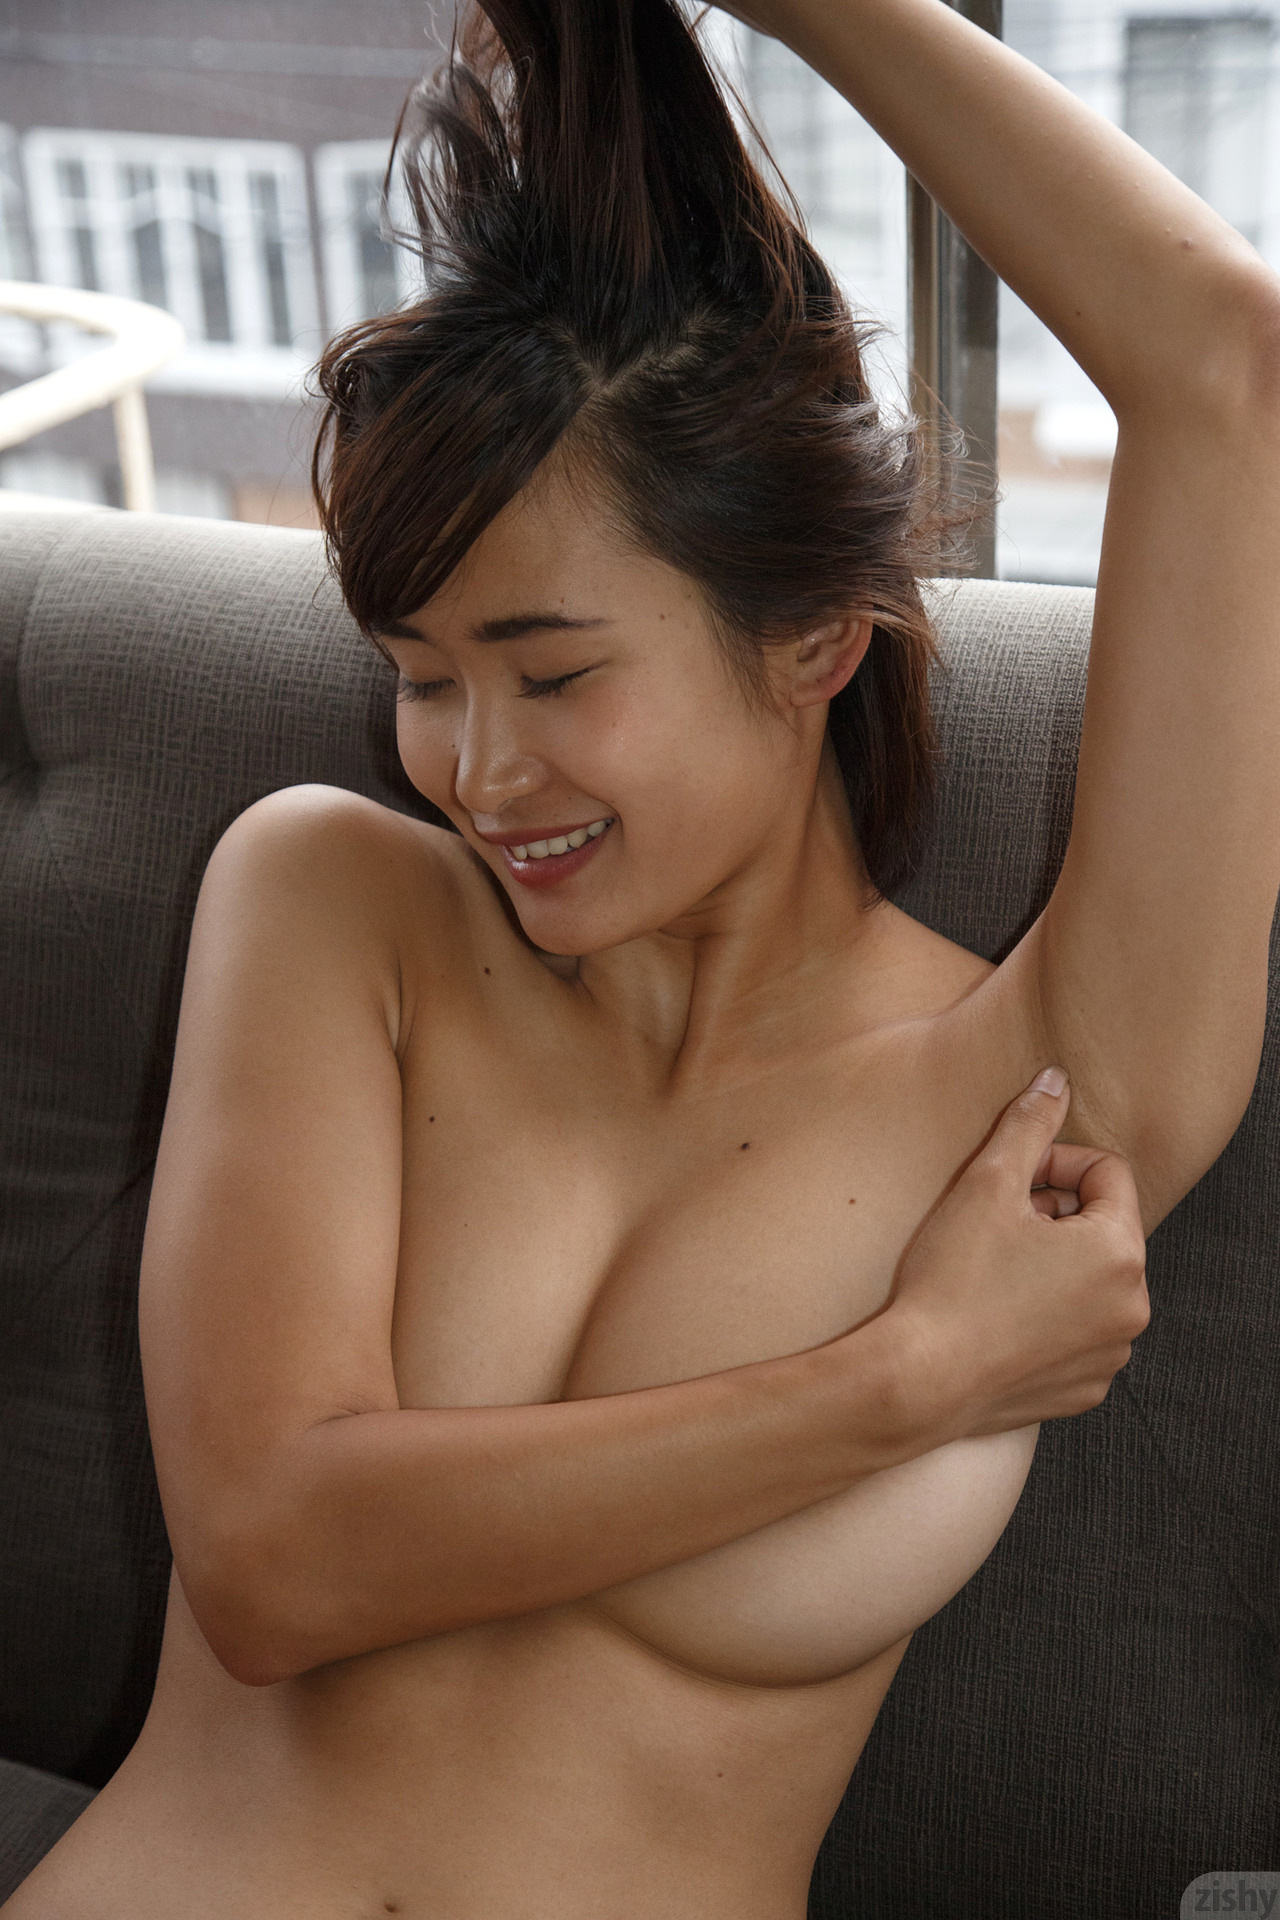 In shower naked japanese women